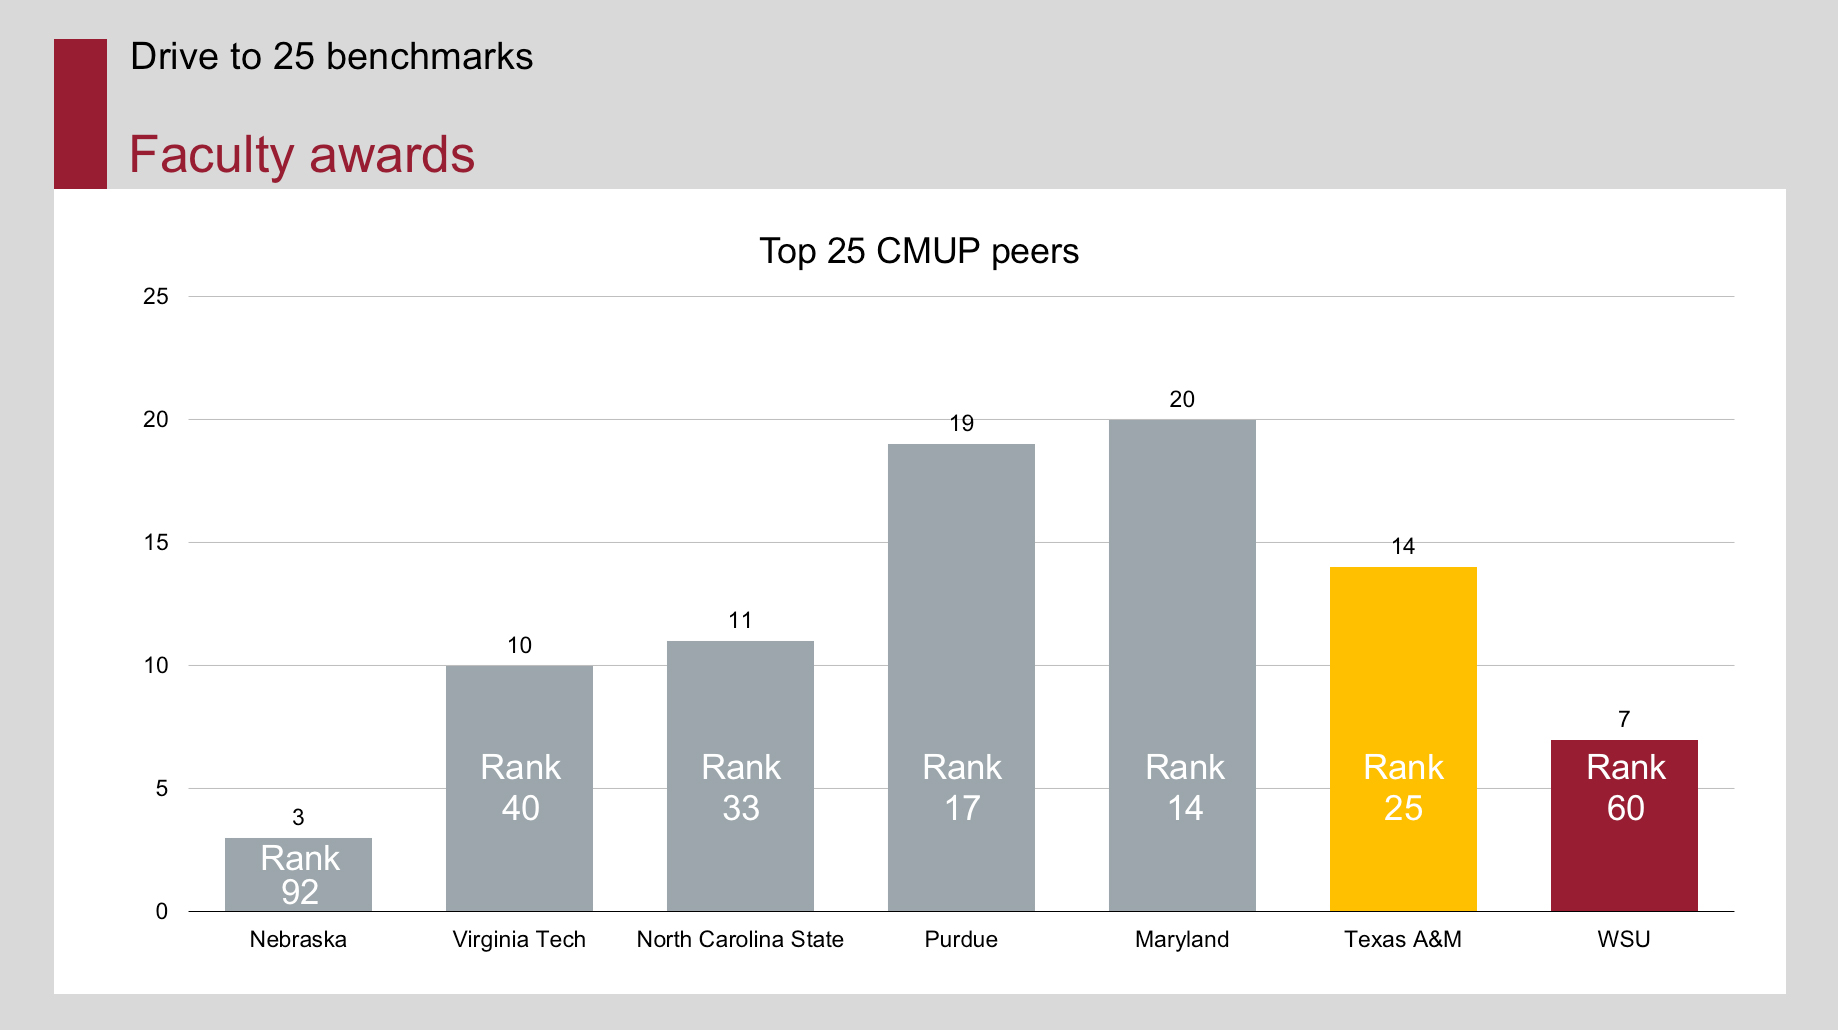 Faculty awards graph